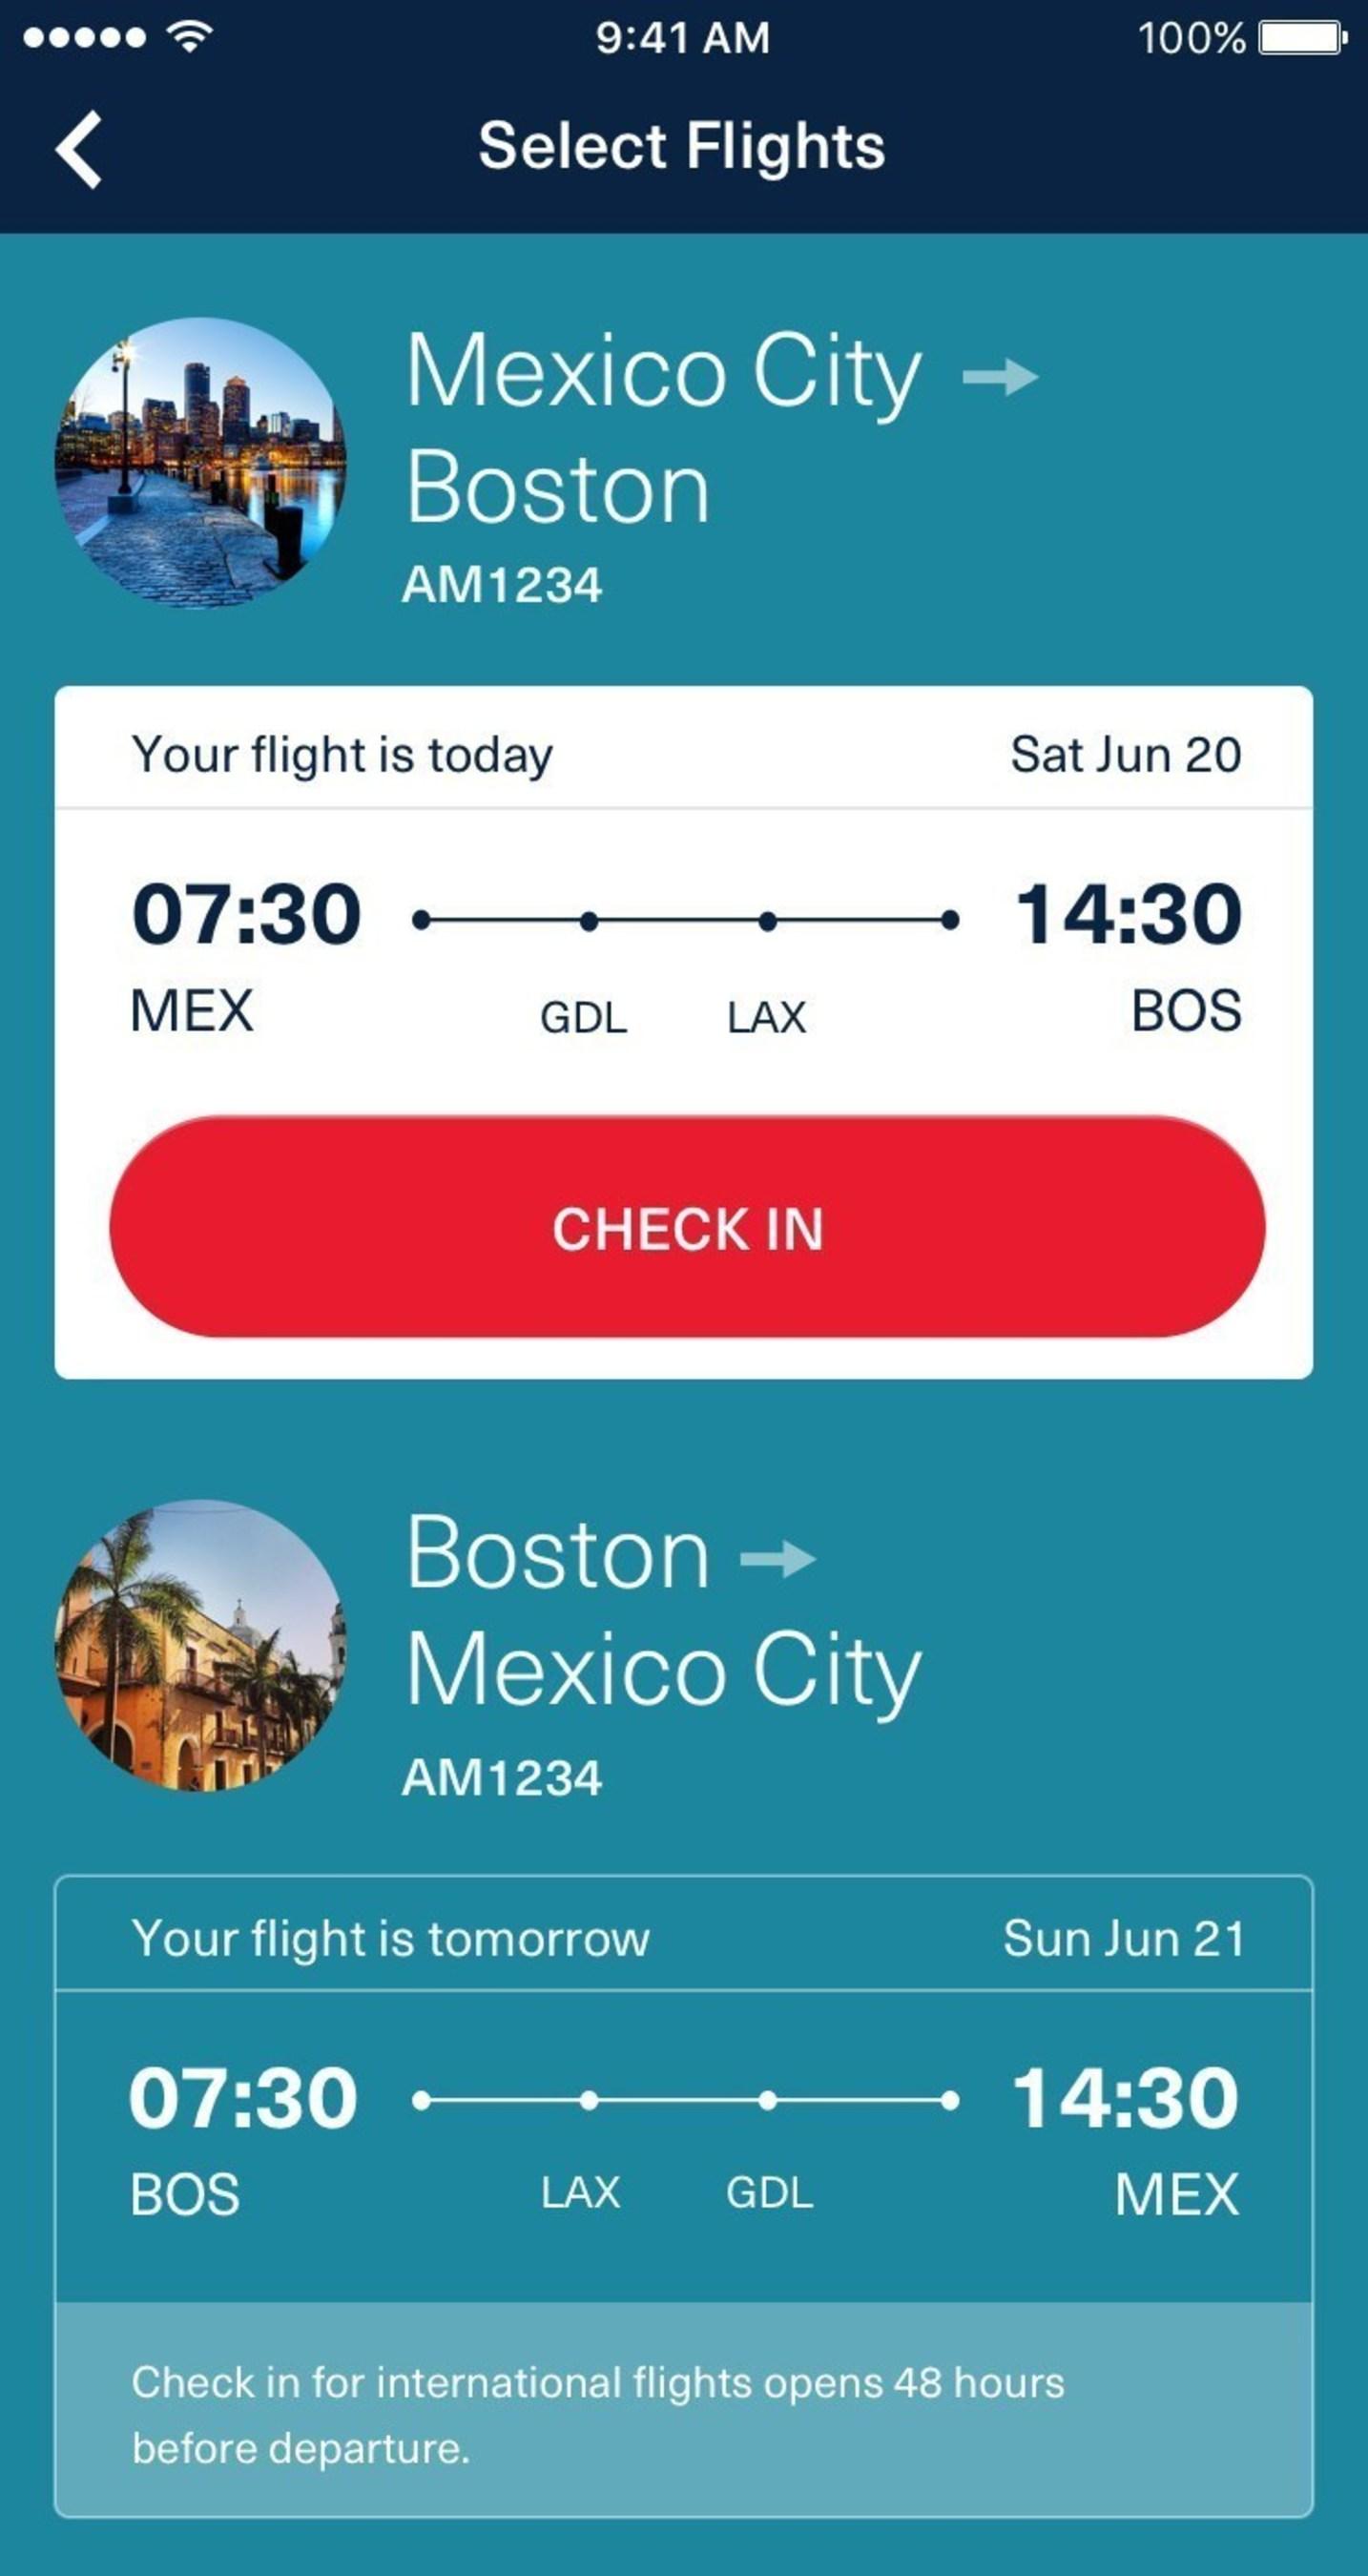 Aeromexico's mobile app